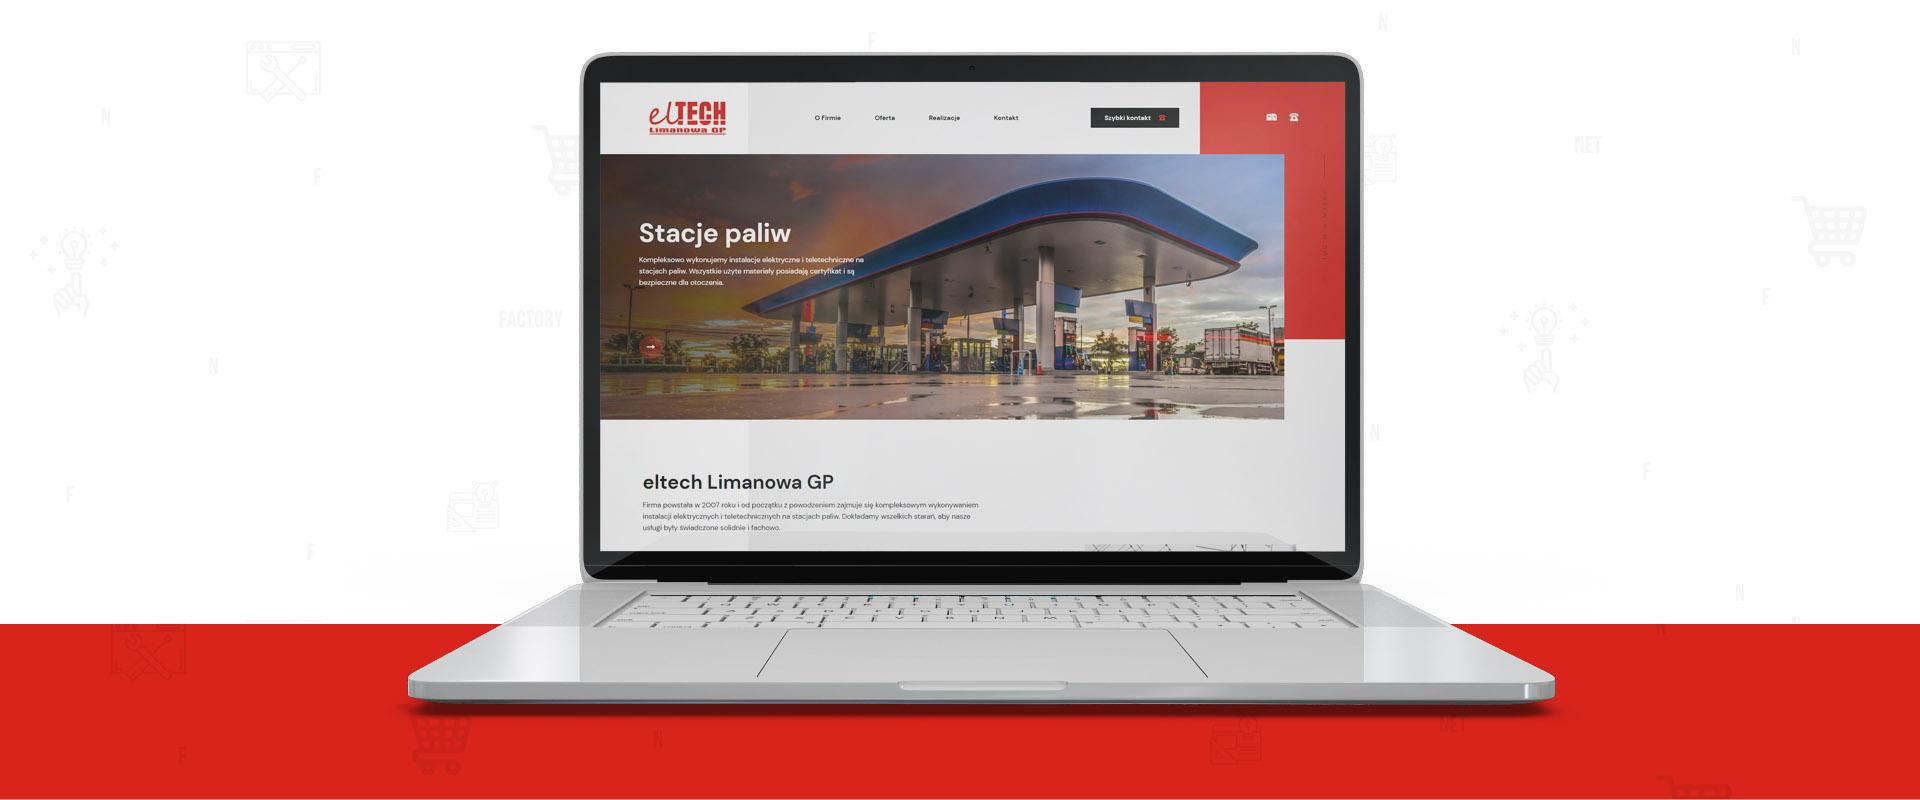 Responsywna witryna internetowa dla eltech Limanowa GP